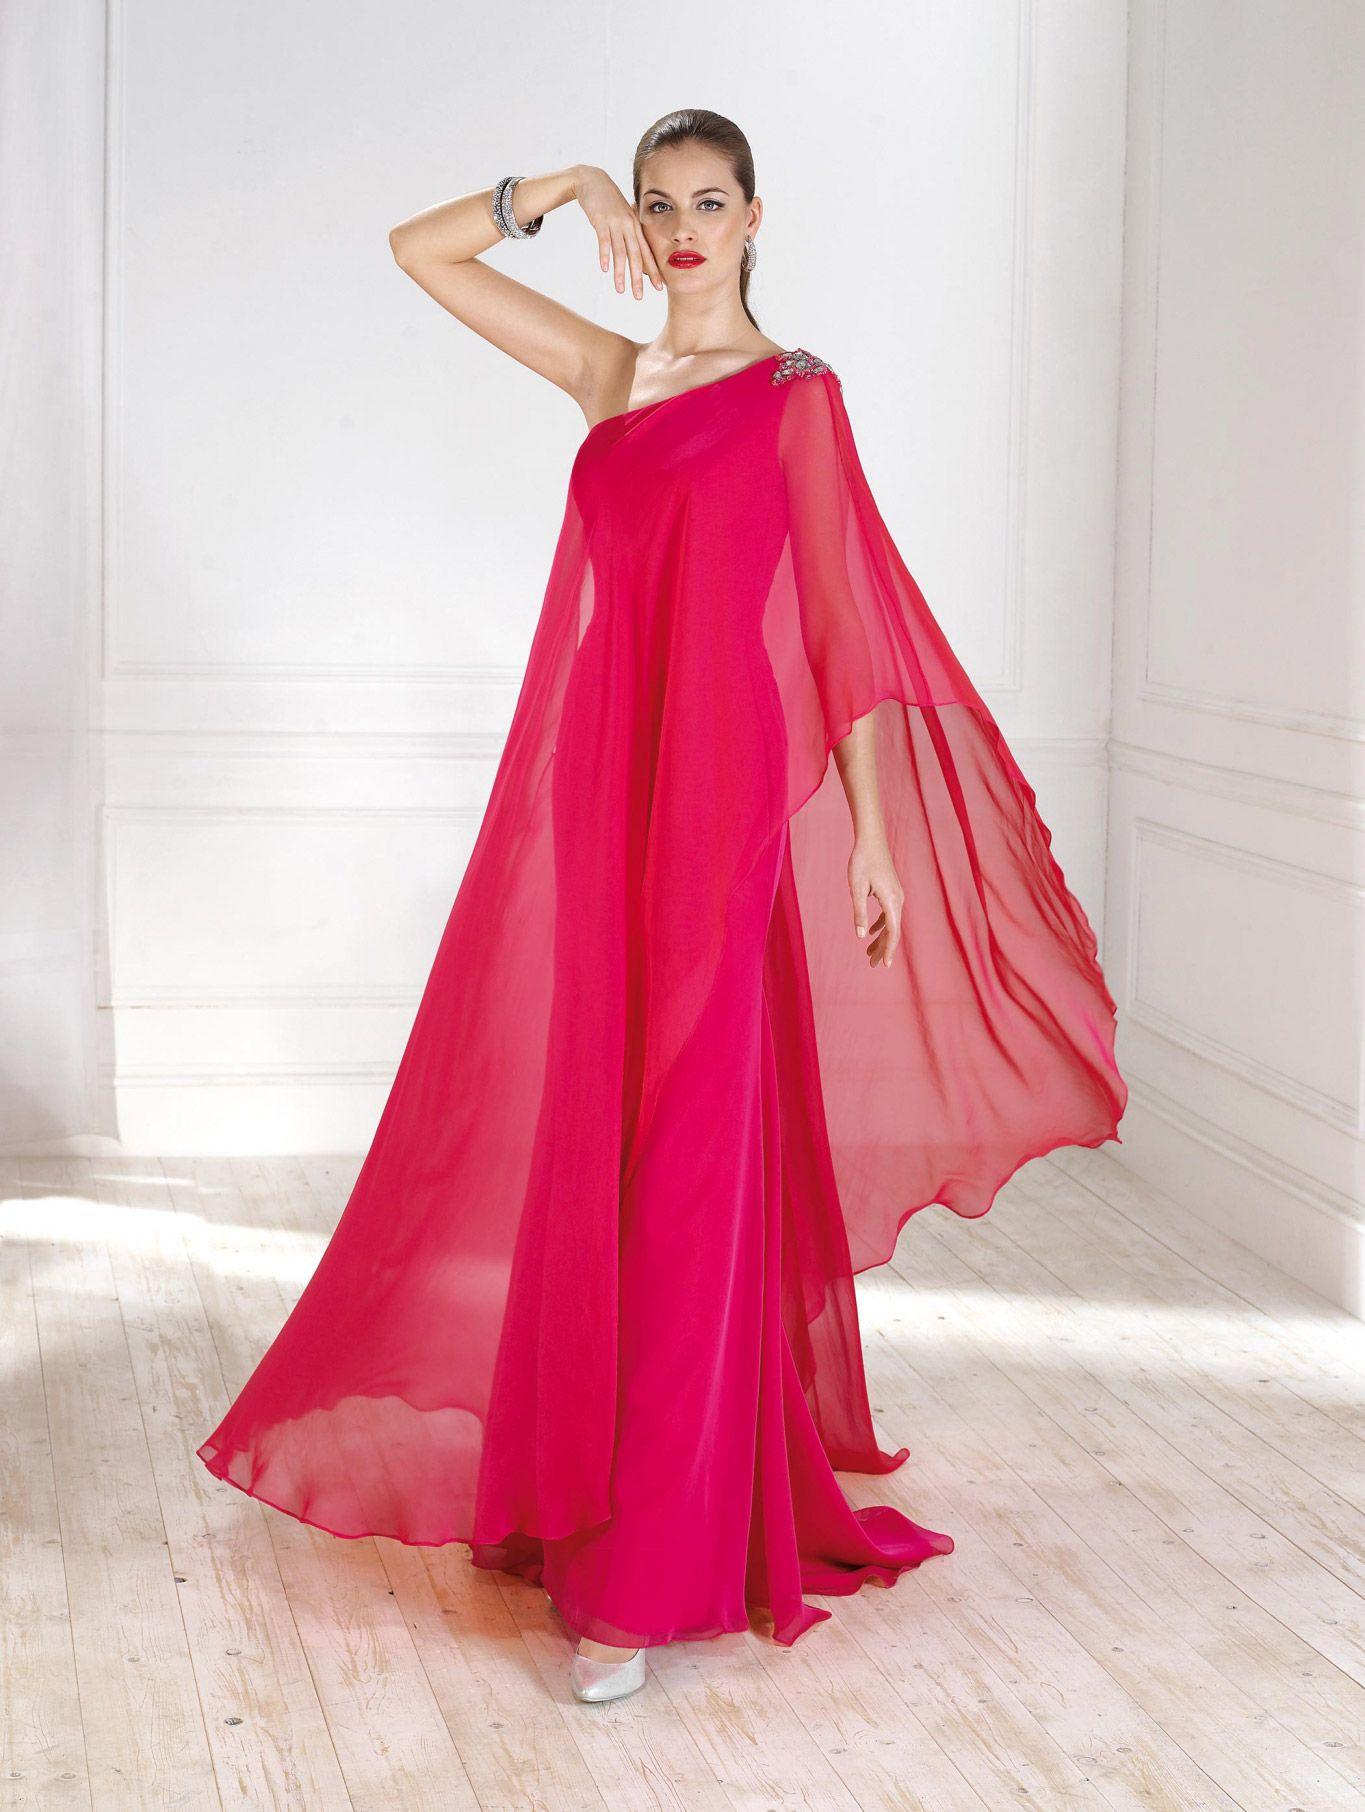 Increíble Vestidos De Fiesta Ohio Colección de Imágenes - Colección ...